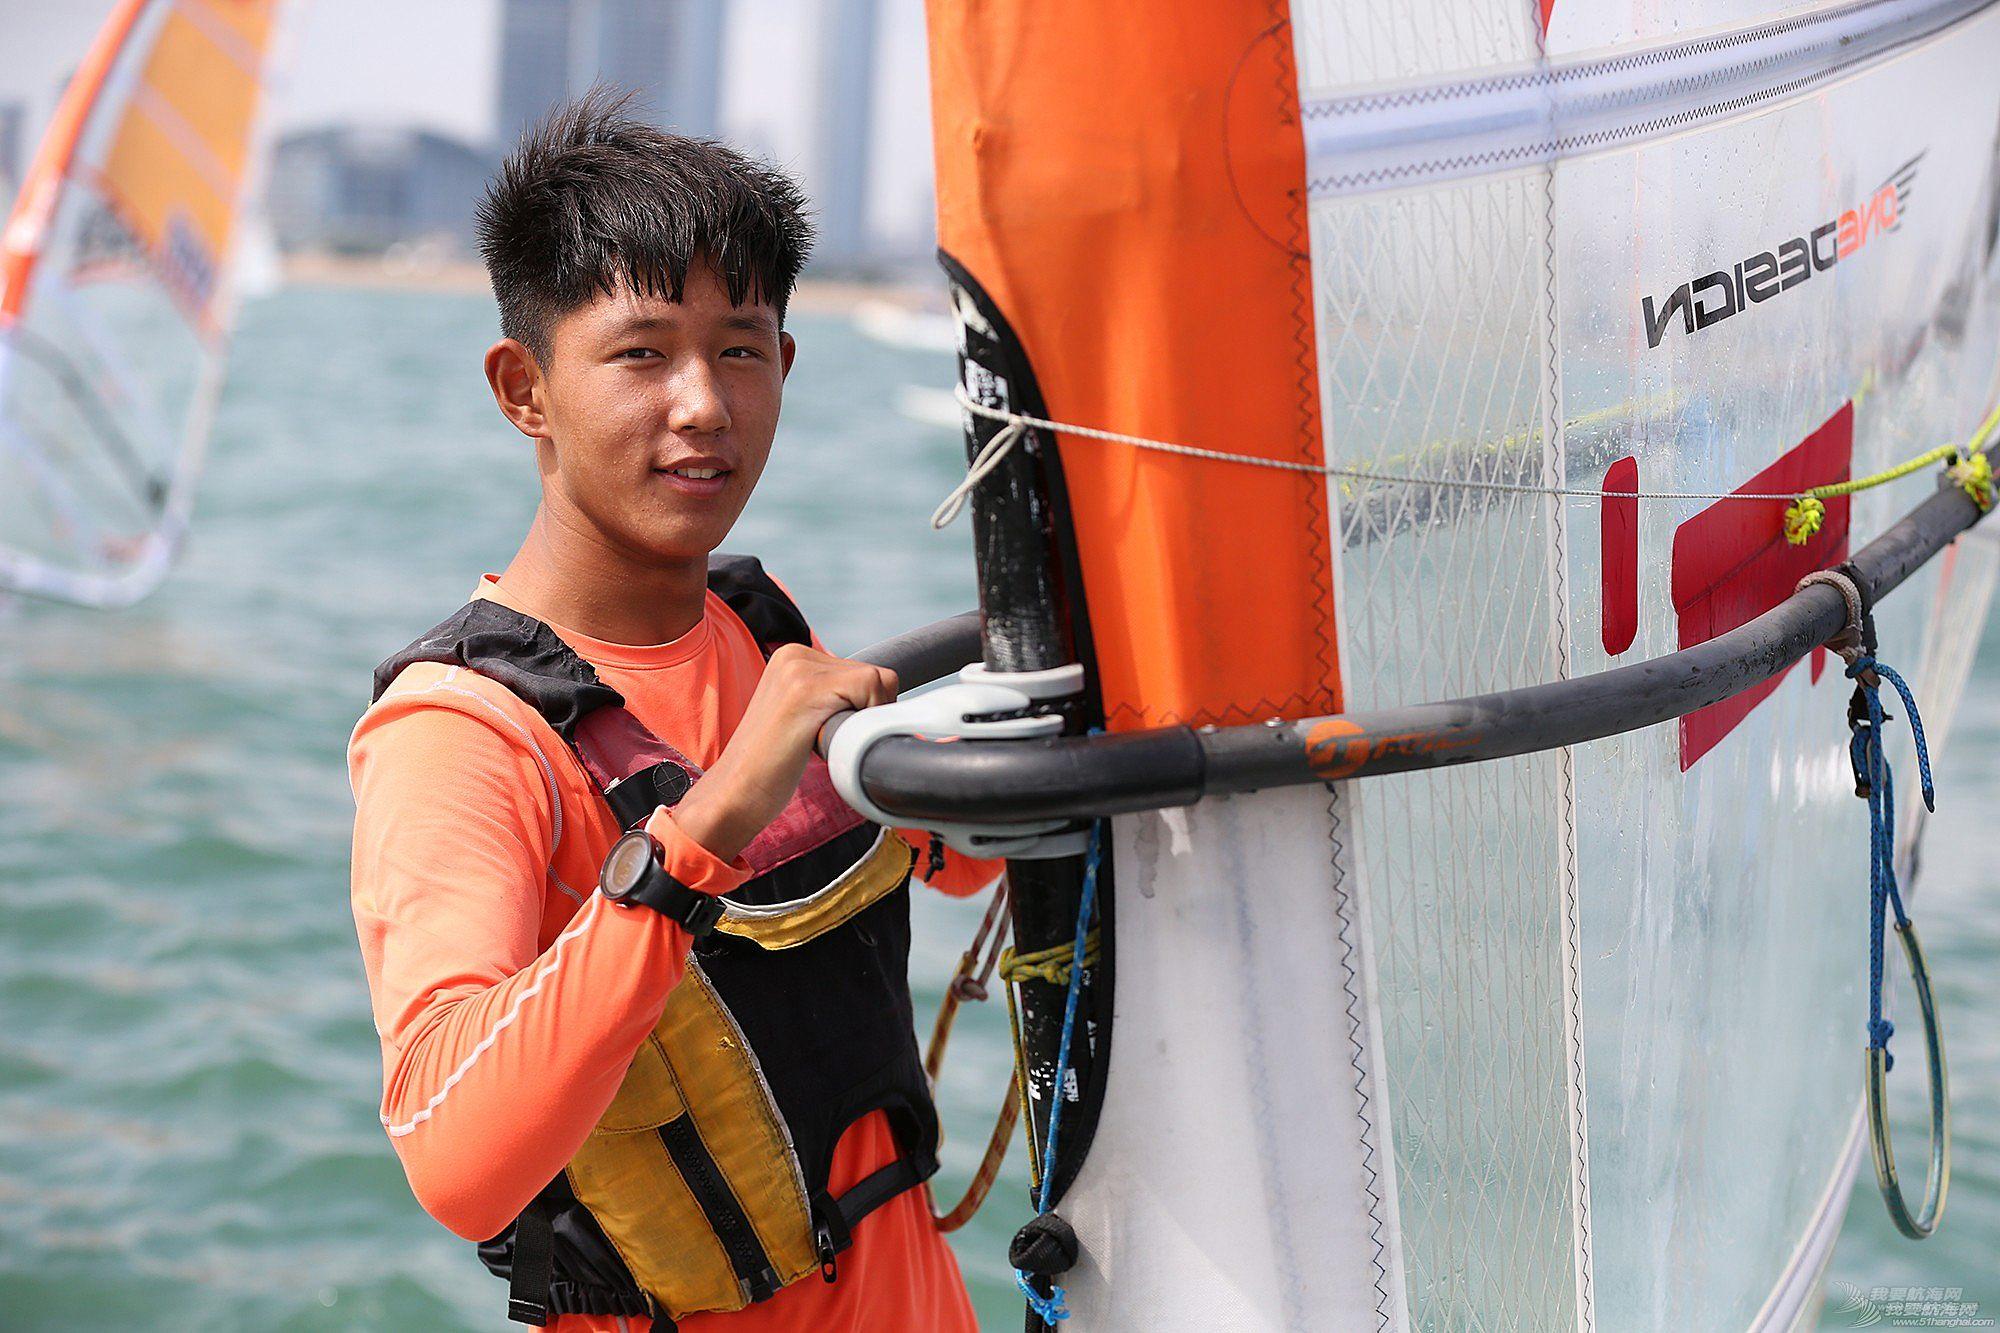 项目,山东省,冠军赛,第一时间,帆板 赛场速递——山东省帆船帆板冠军赛精彩瞬间